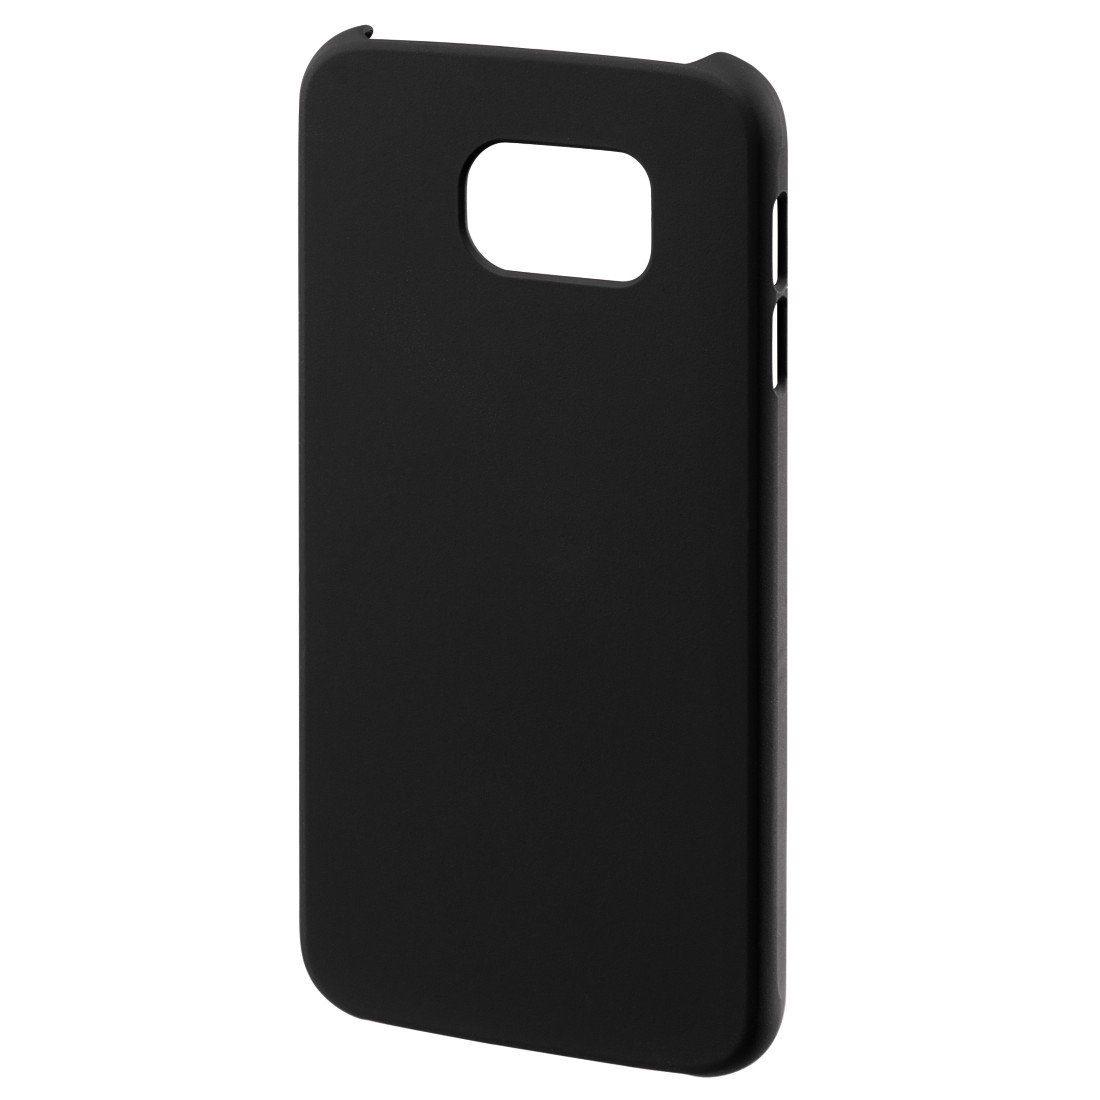 Hama Cover Rubber für Samsung Galaxy S6, Schwarz